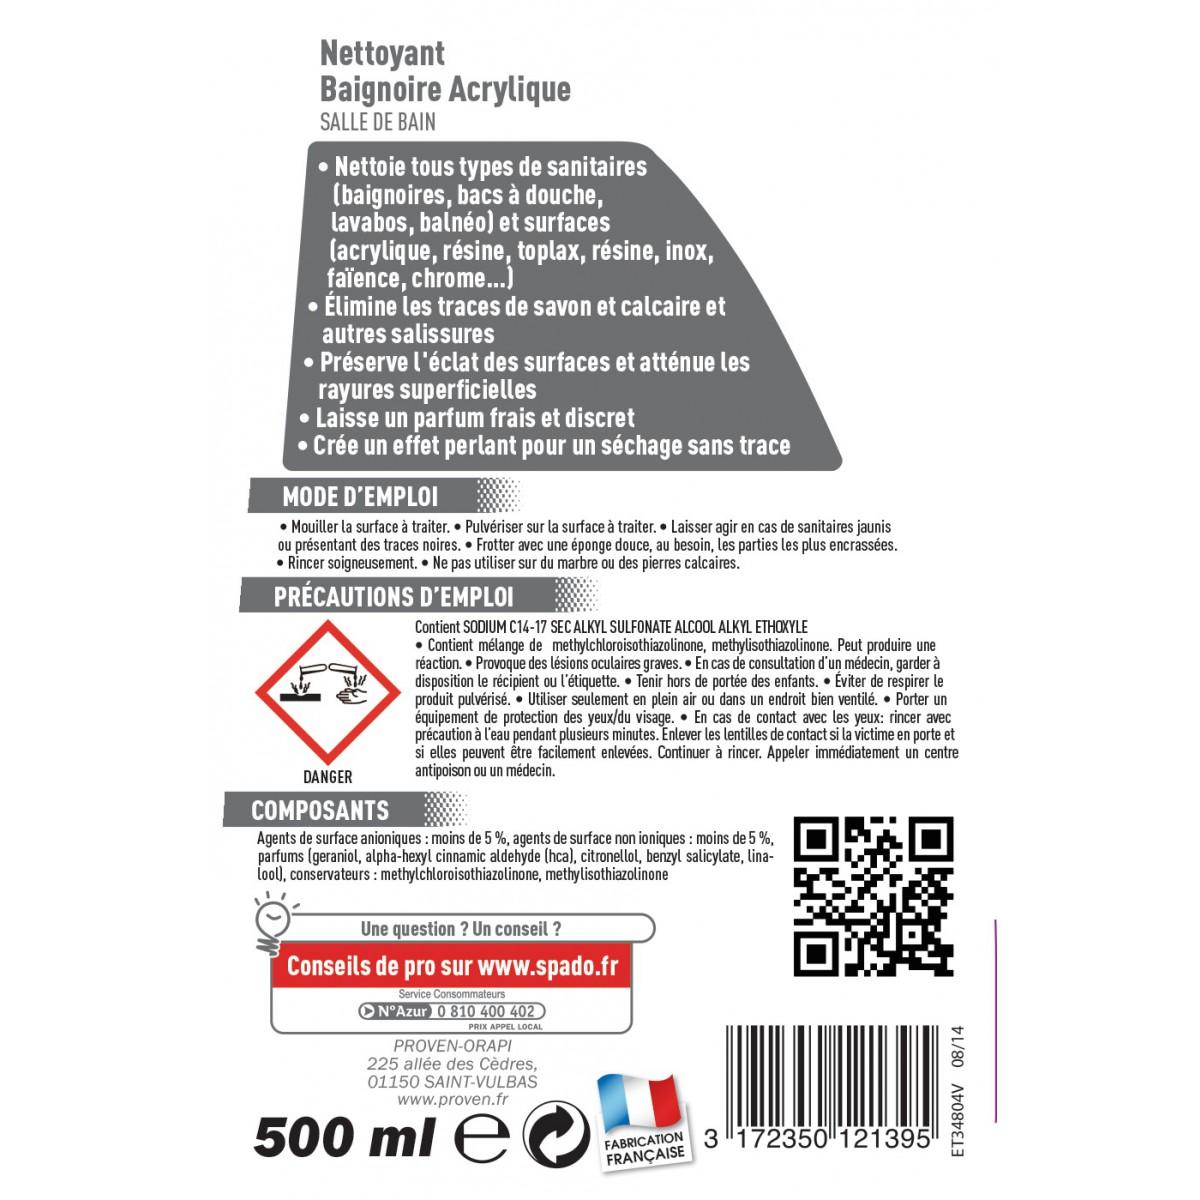 Nettoyant baignoire acrylique Spado - Pulvérisateur 500 ml